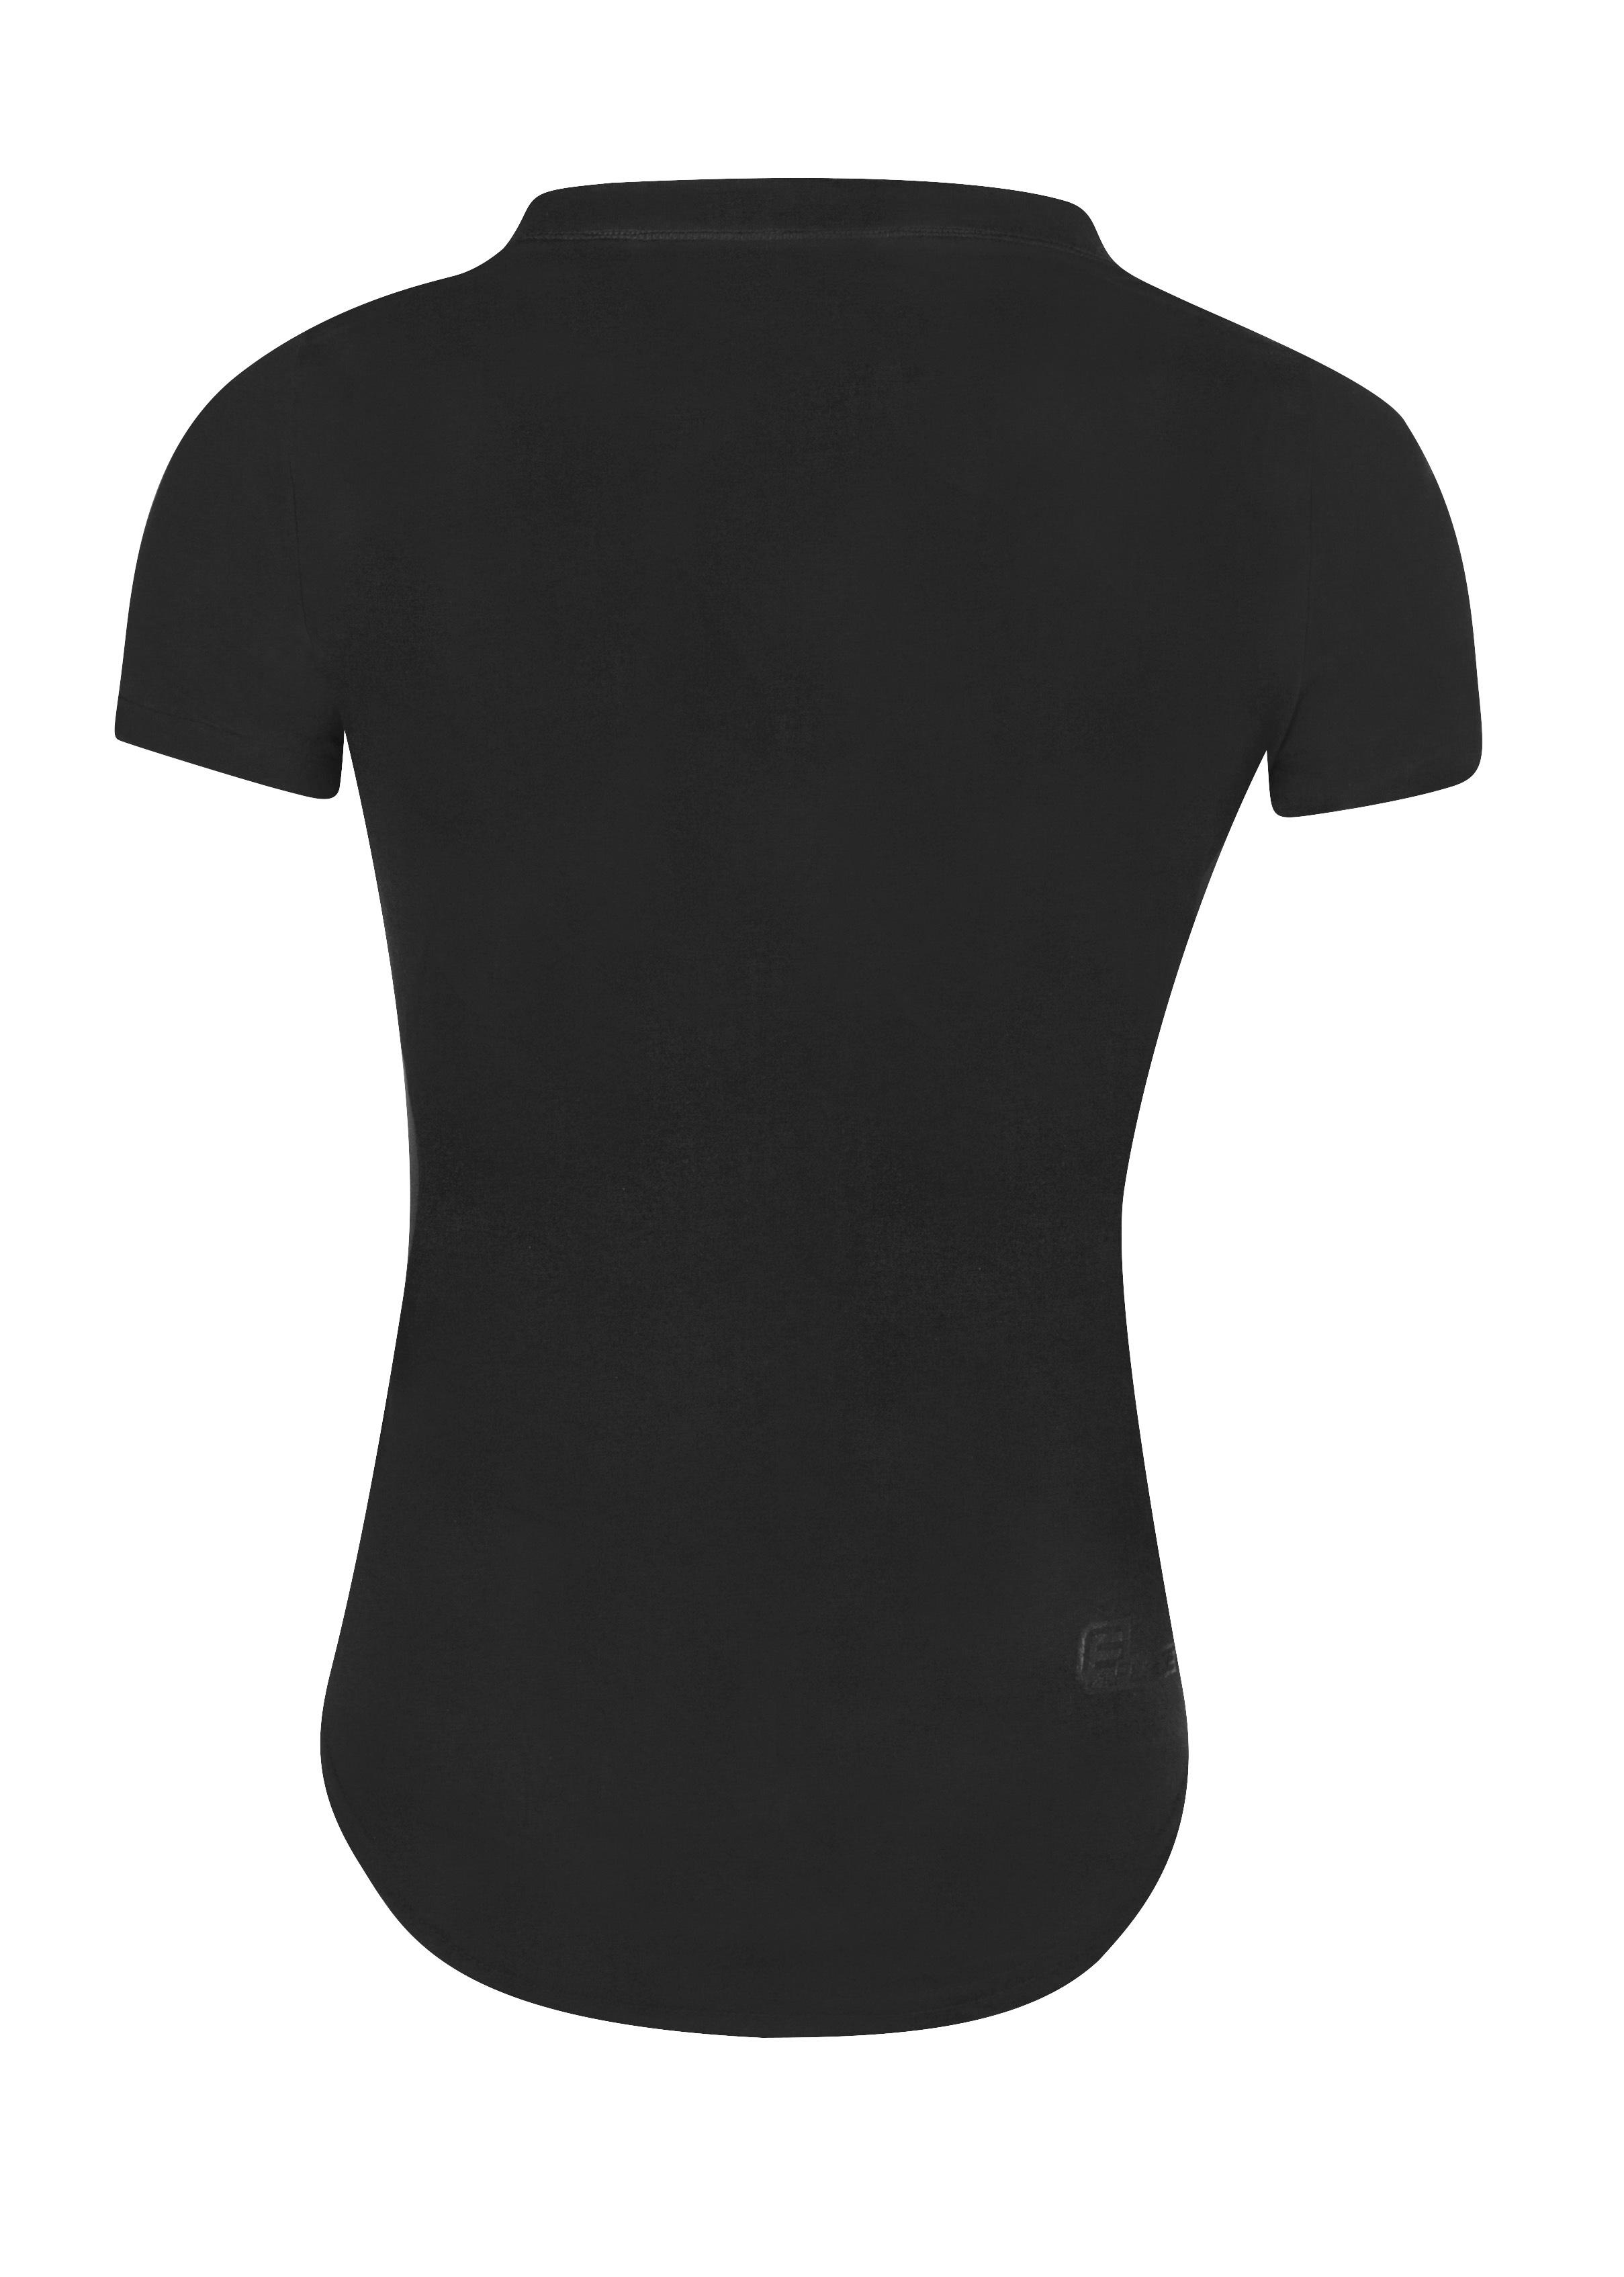 triko FORCE LADY krátký rukáv, černé S